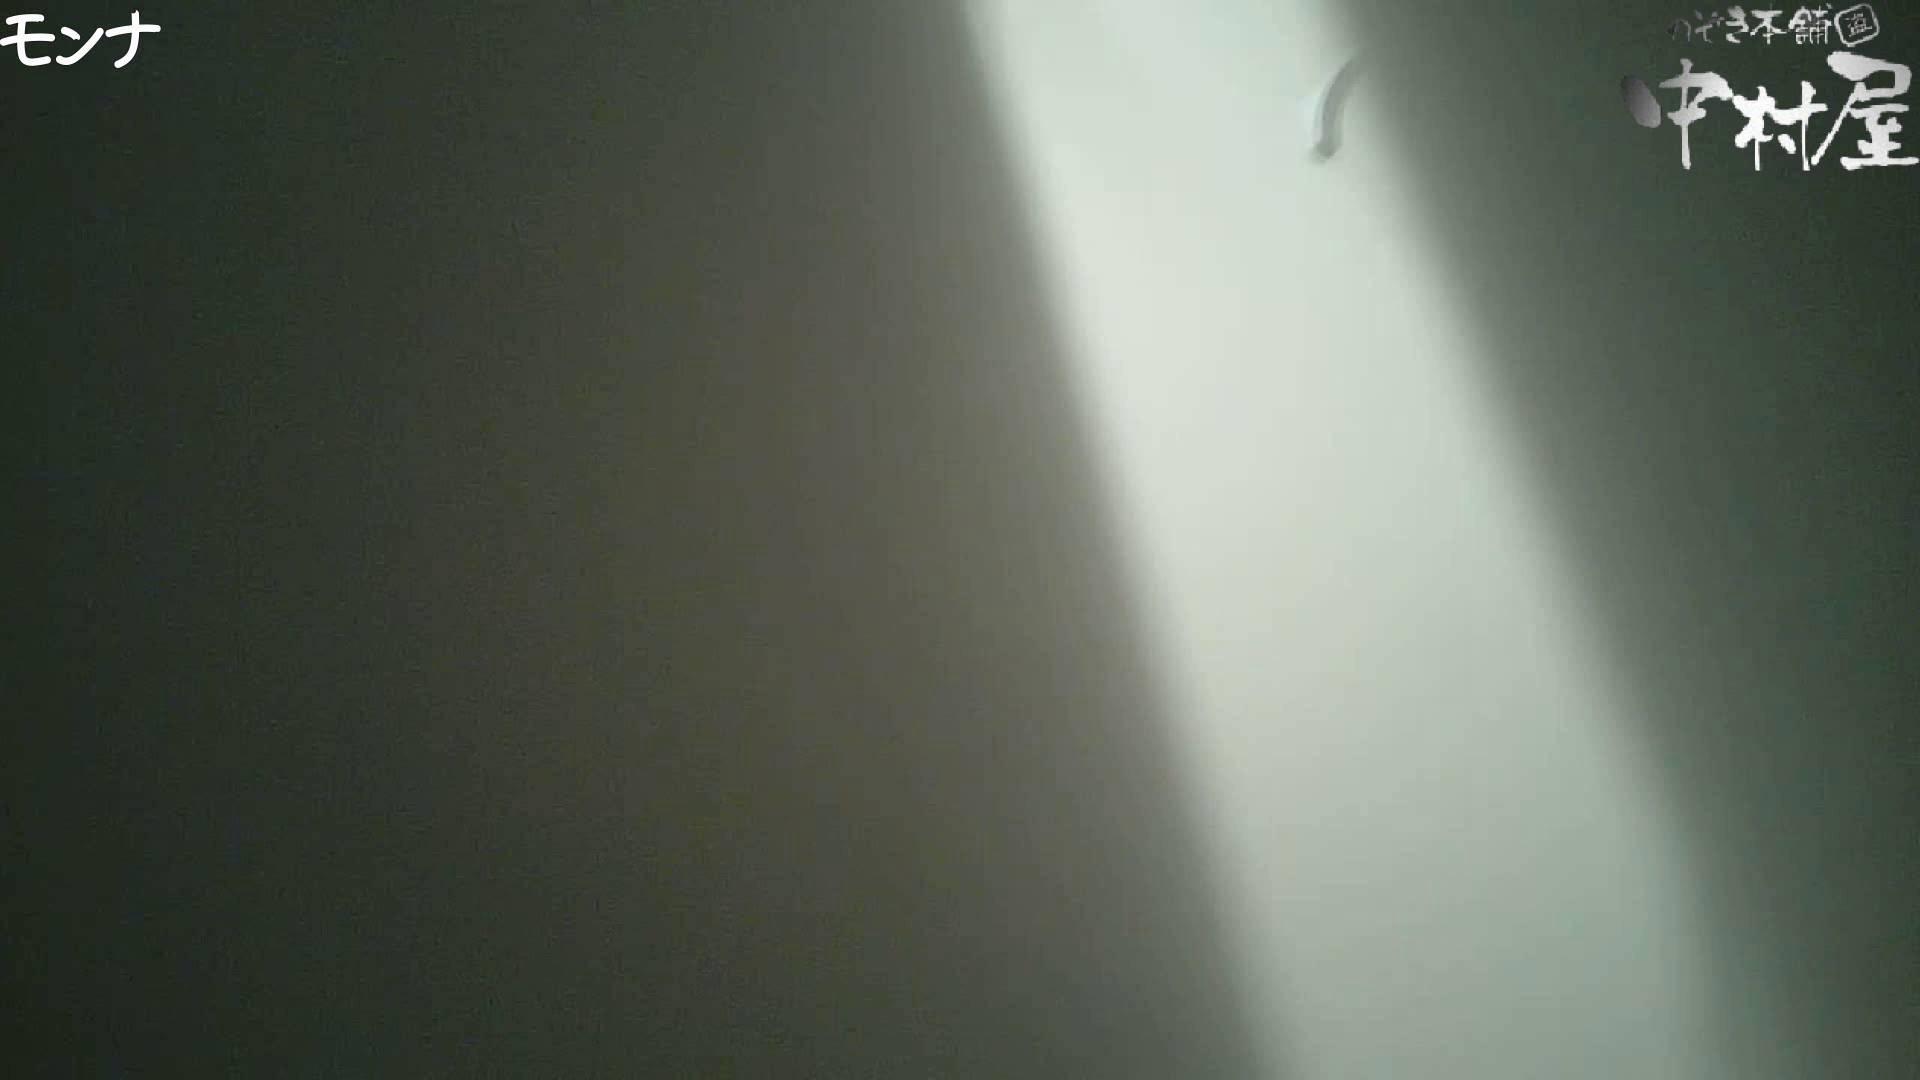 有名大学女性洗面所 vol.66 清楚系女子をがっつり!! 潜入突撃 盗み撮り動画キャプチャ 82pic 54